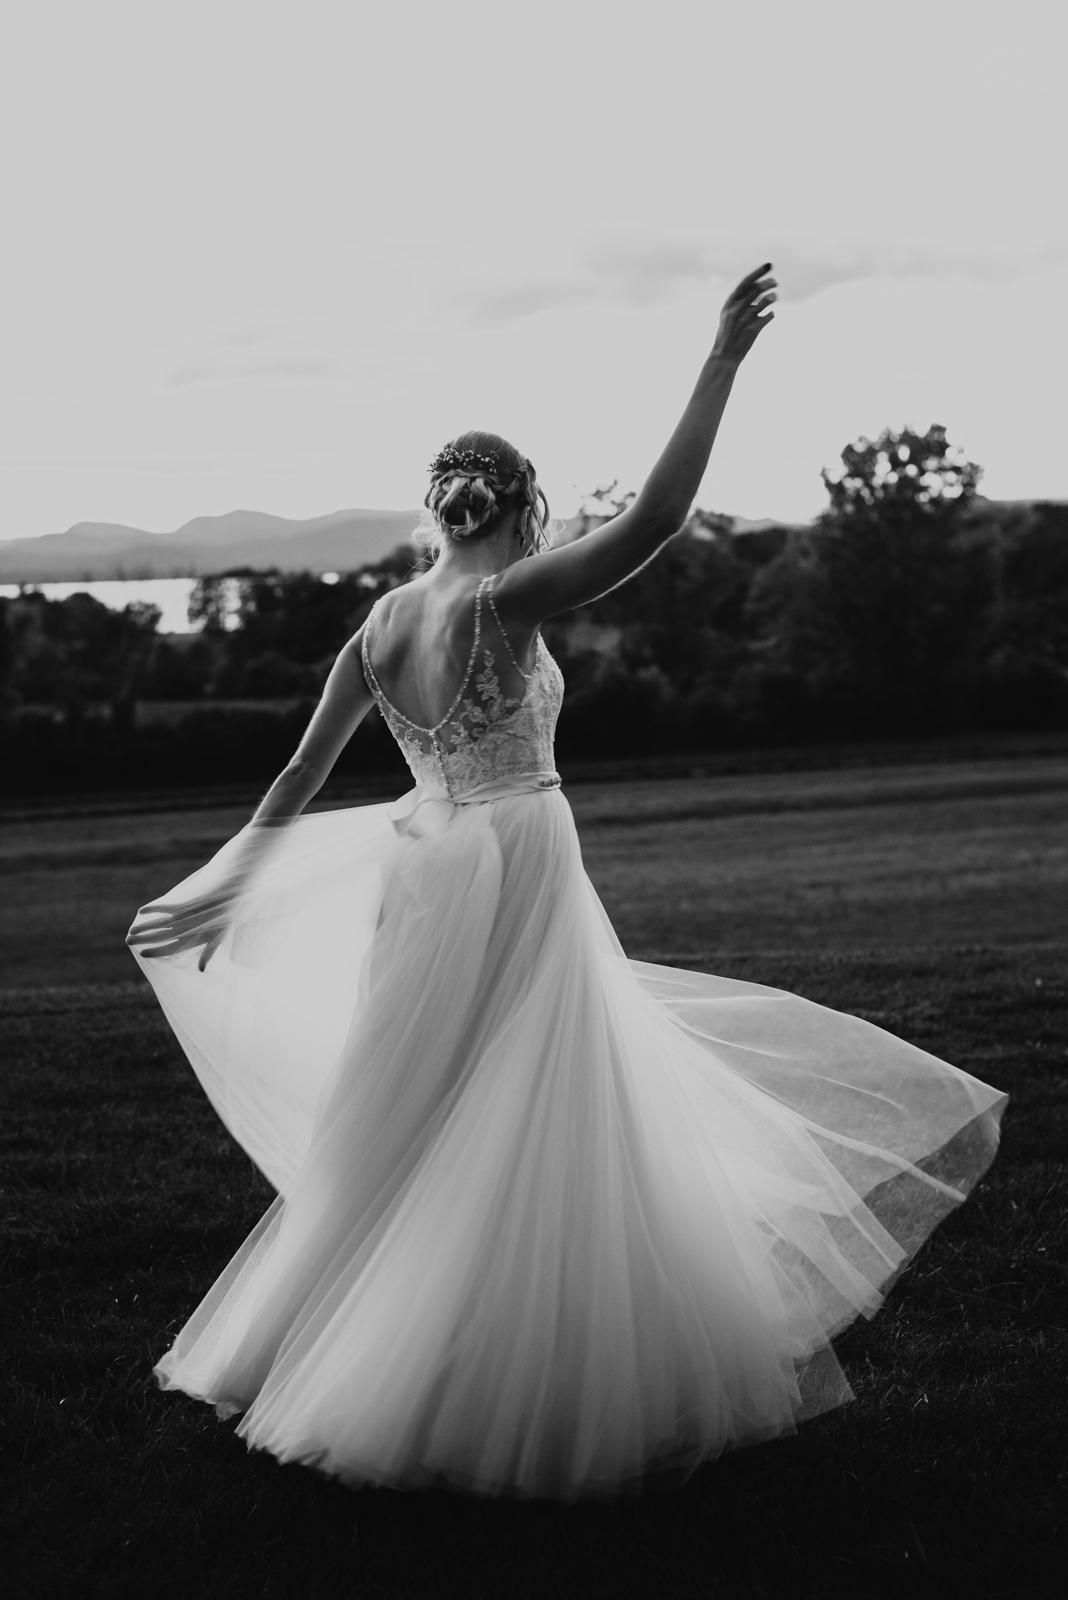 09292018-MaggieCharlie-JuliaLuckettPhotography-522.jpg